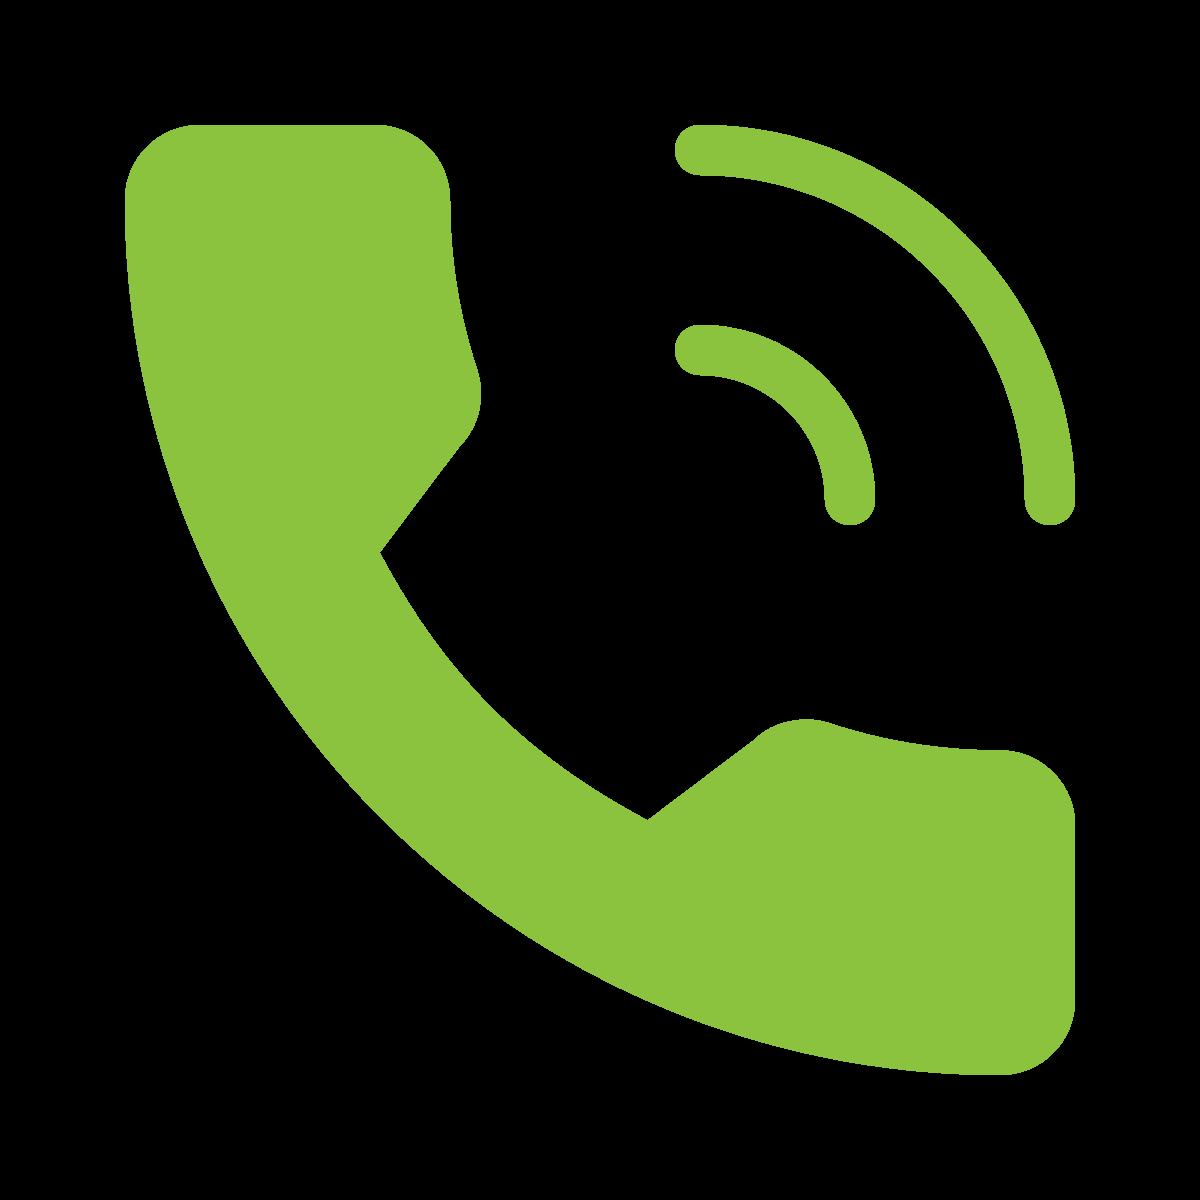 phone an advisor